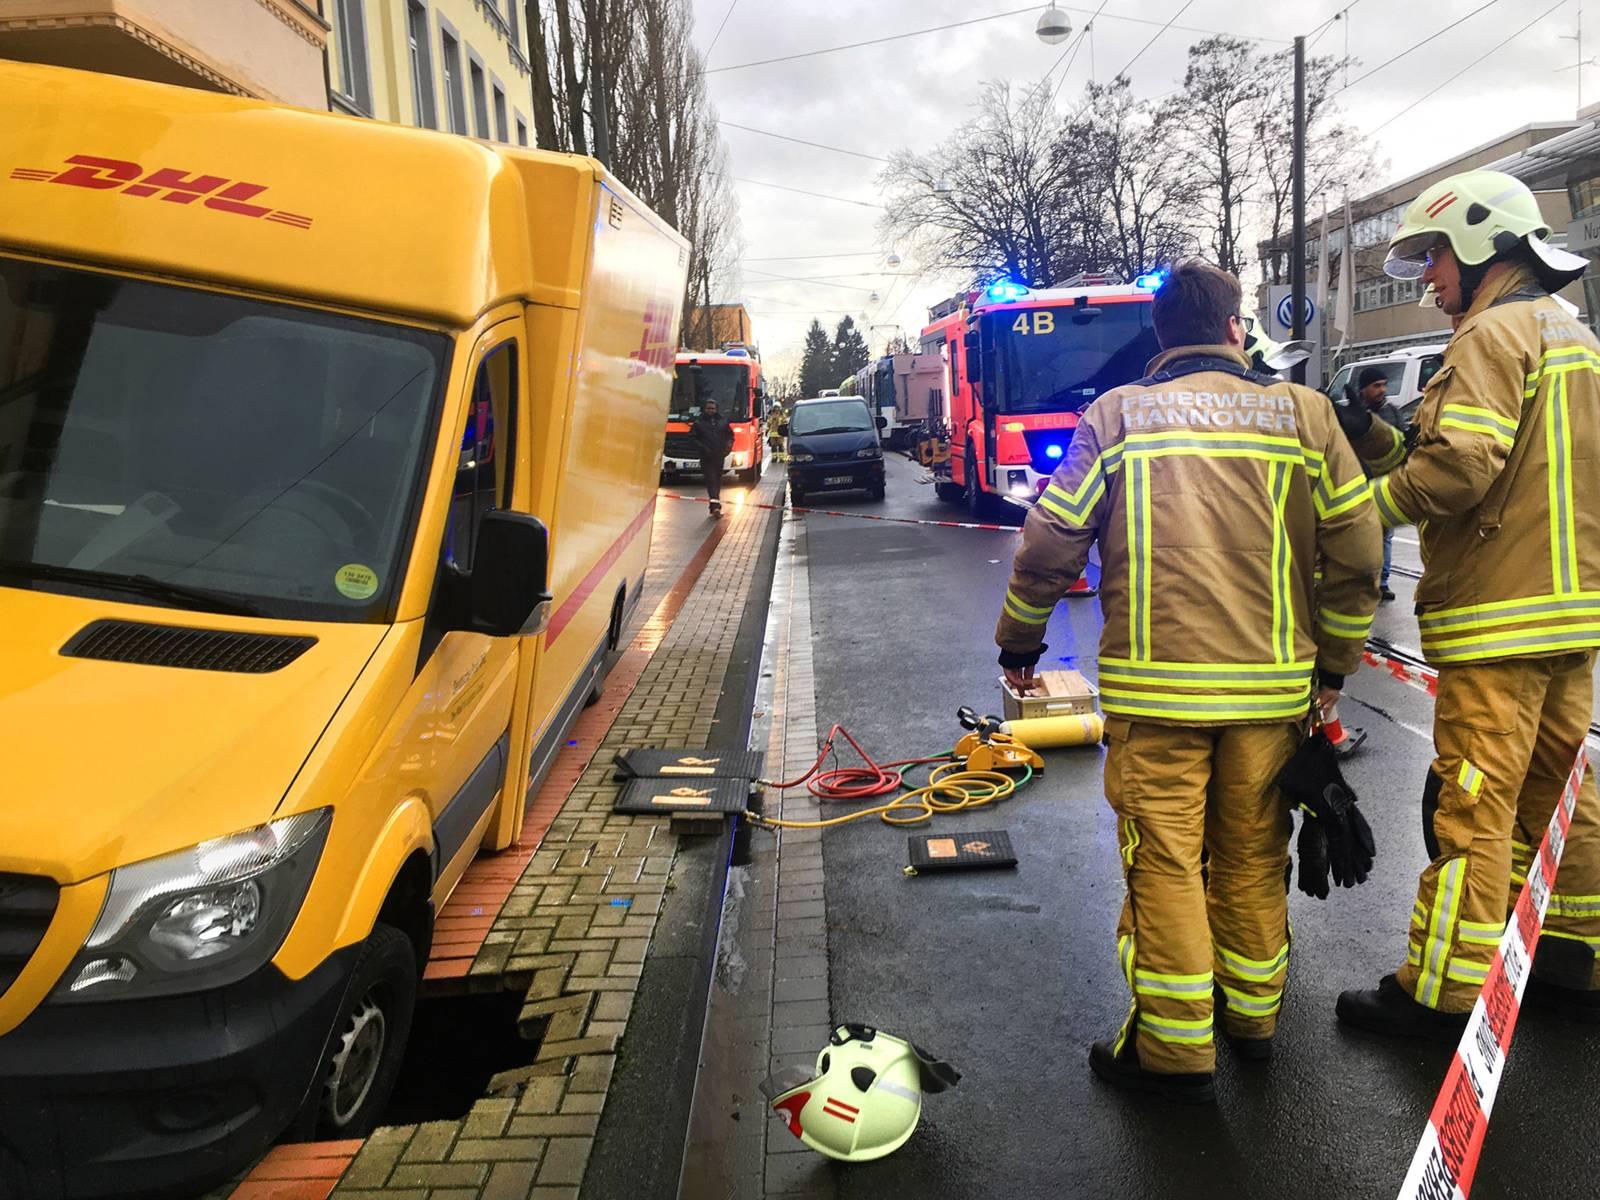 Mehrere Einstzkräfte der Feuerwehr Hannover bereiten den eingesunkenen Transporter zur Bergung vor.